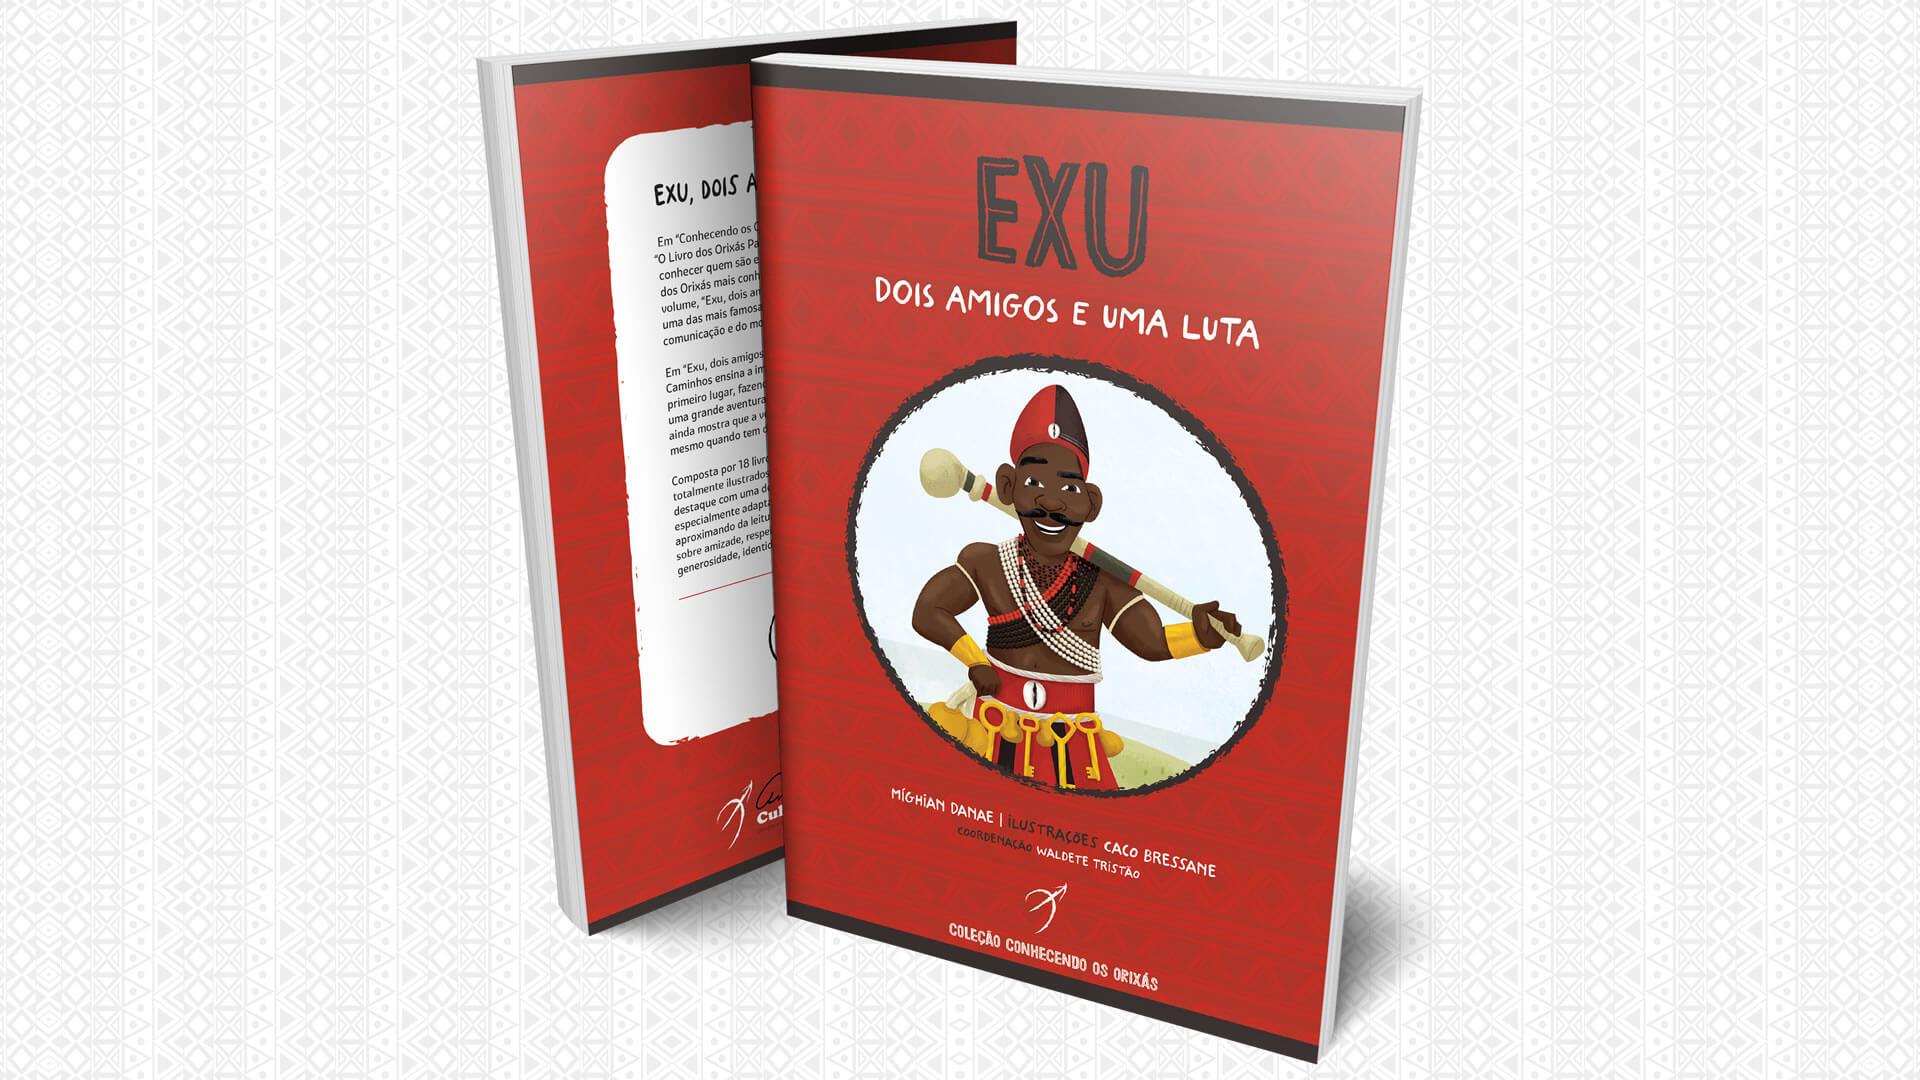 Orixás Para Crianças | Livro infantil ensina às crianças sobre os Deuses Africanos e a importância de respeitar os diversos pontos de vista